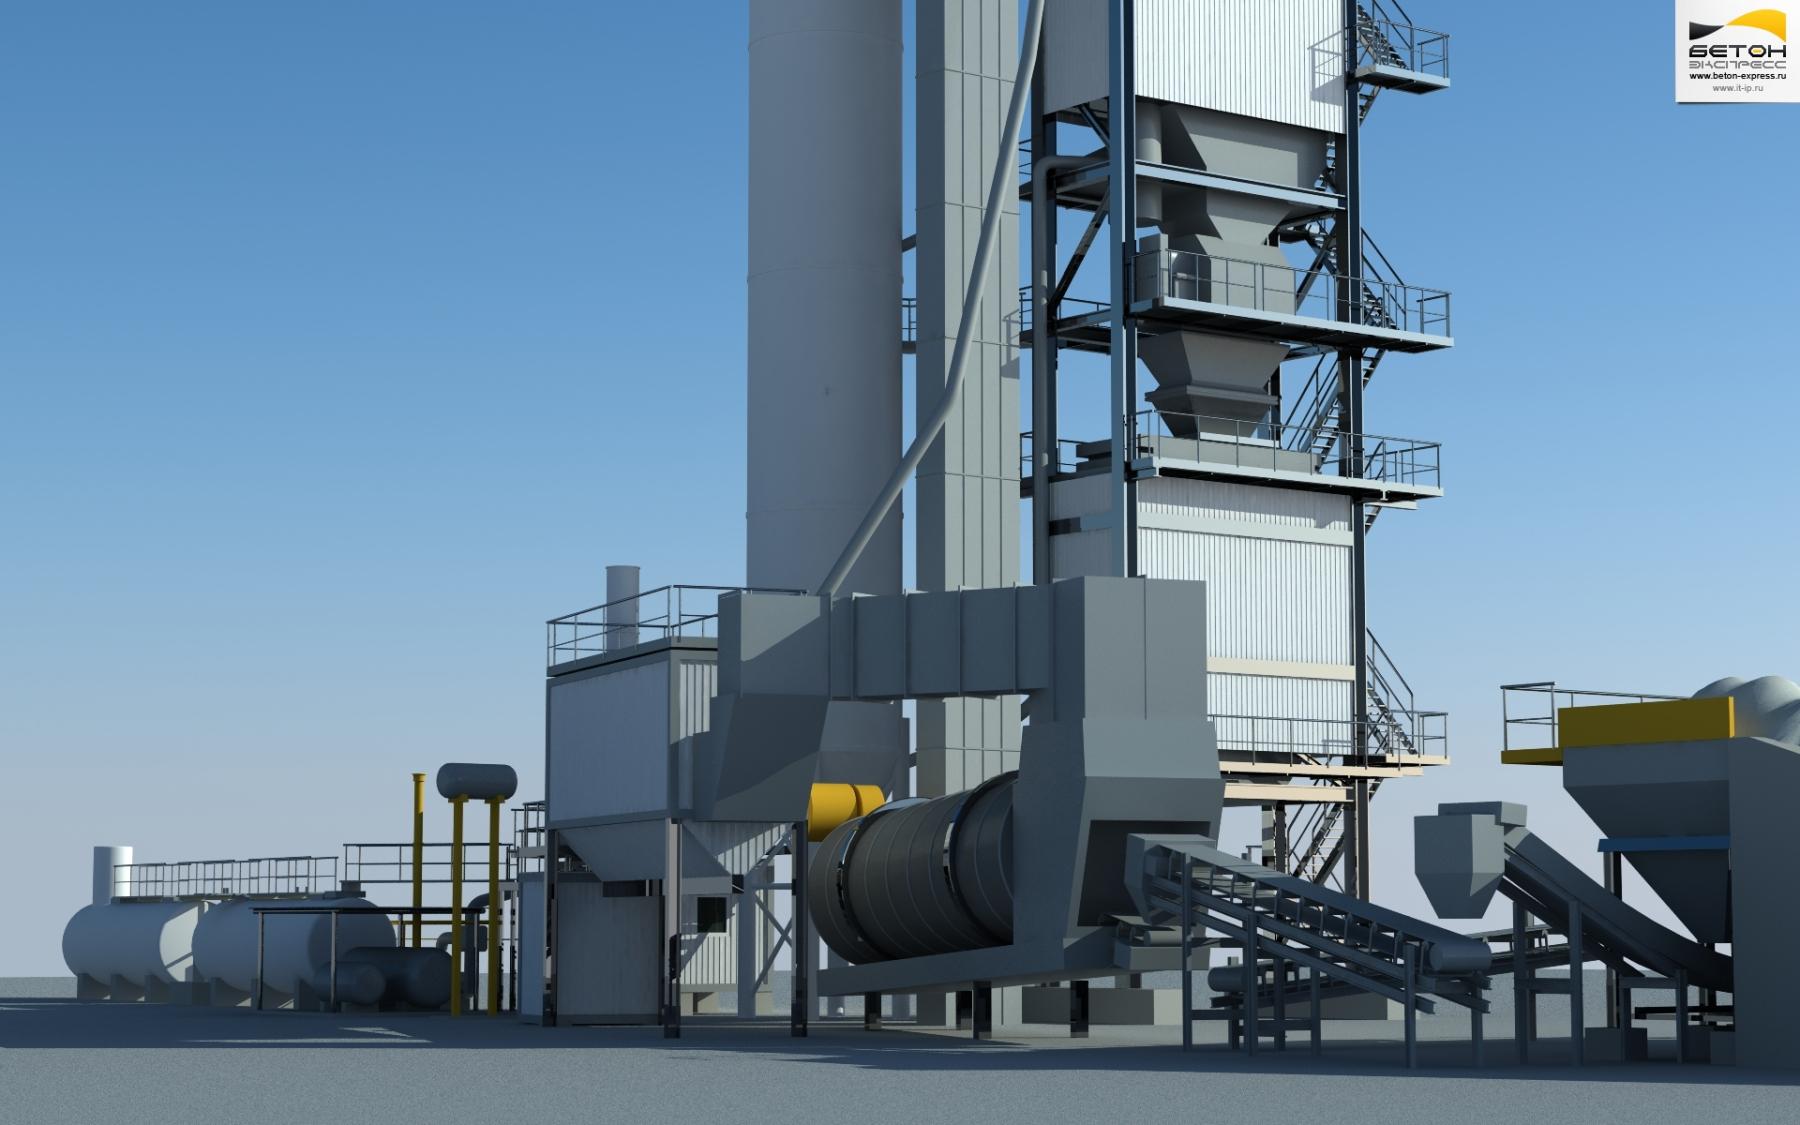 Завод партнер бетон бетон м30